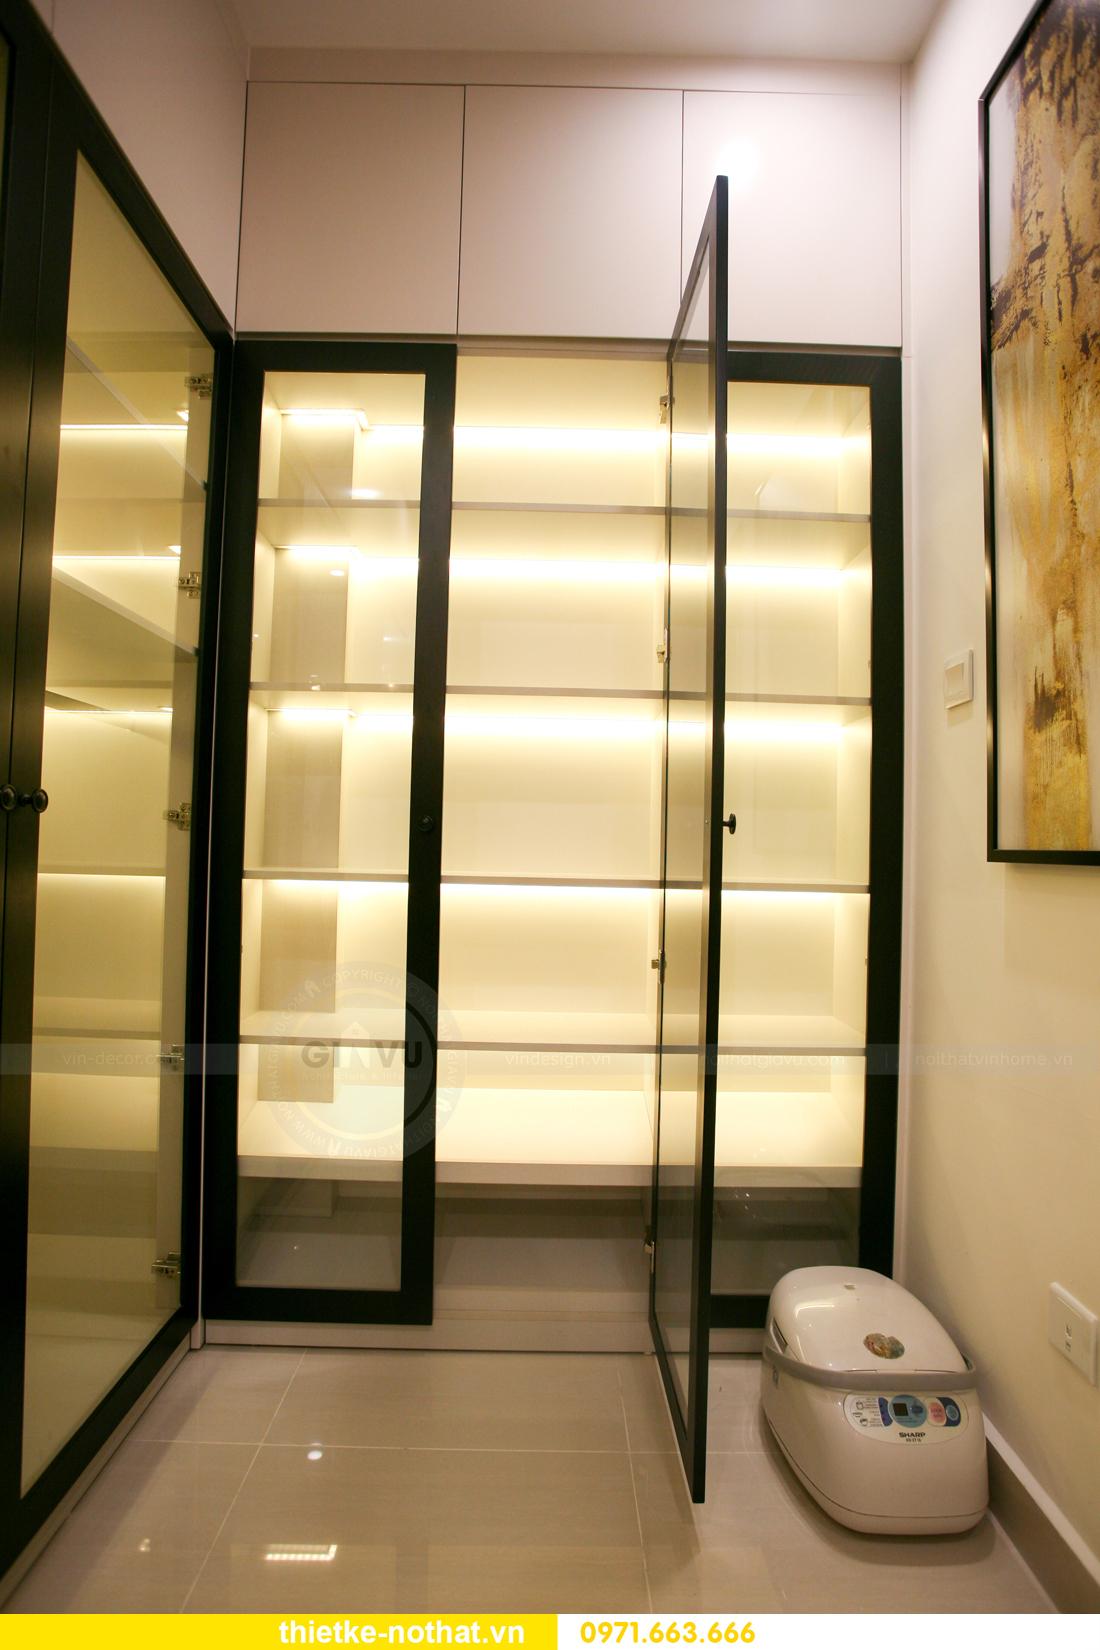 hoàn thiện nội thất chung cư Smart City tòa S201 căn 03 10